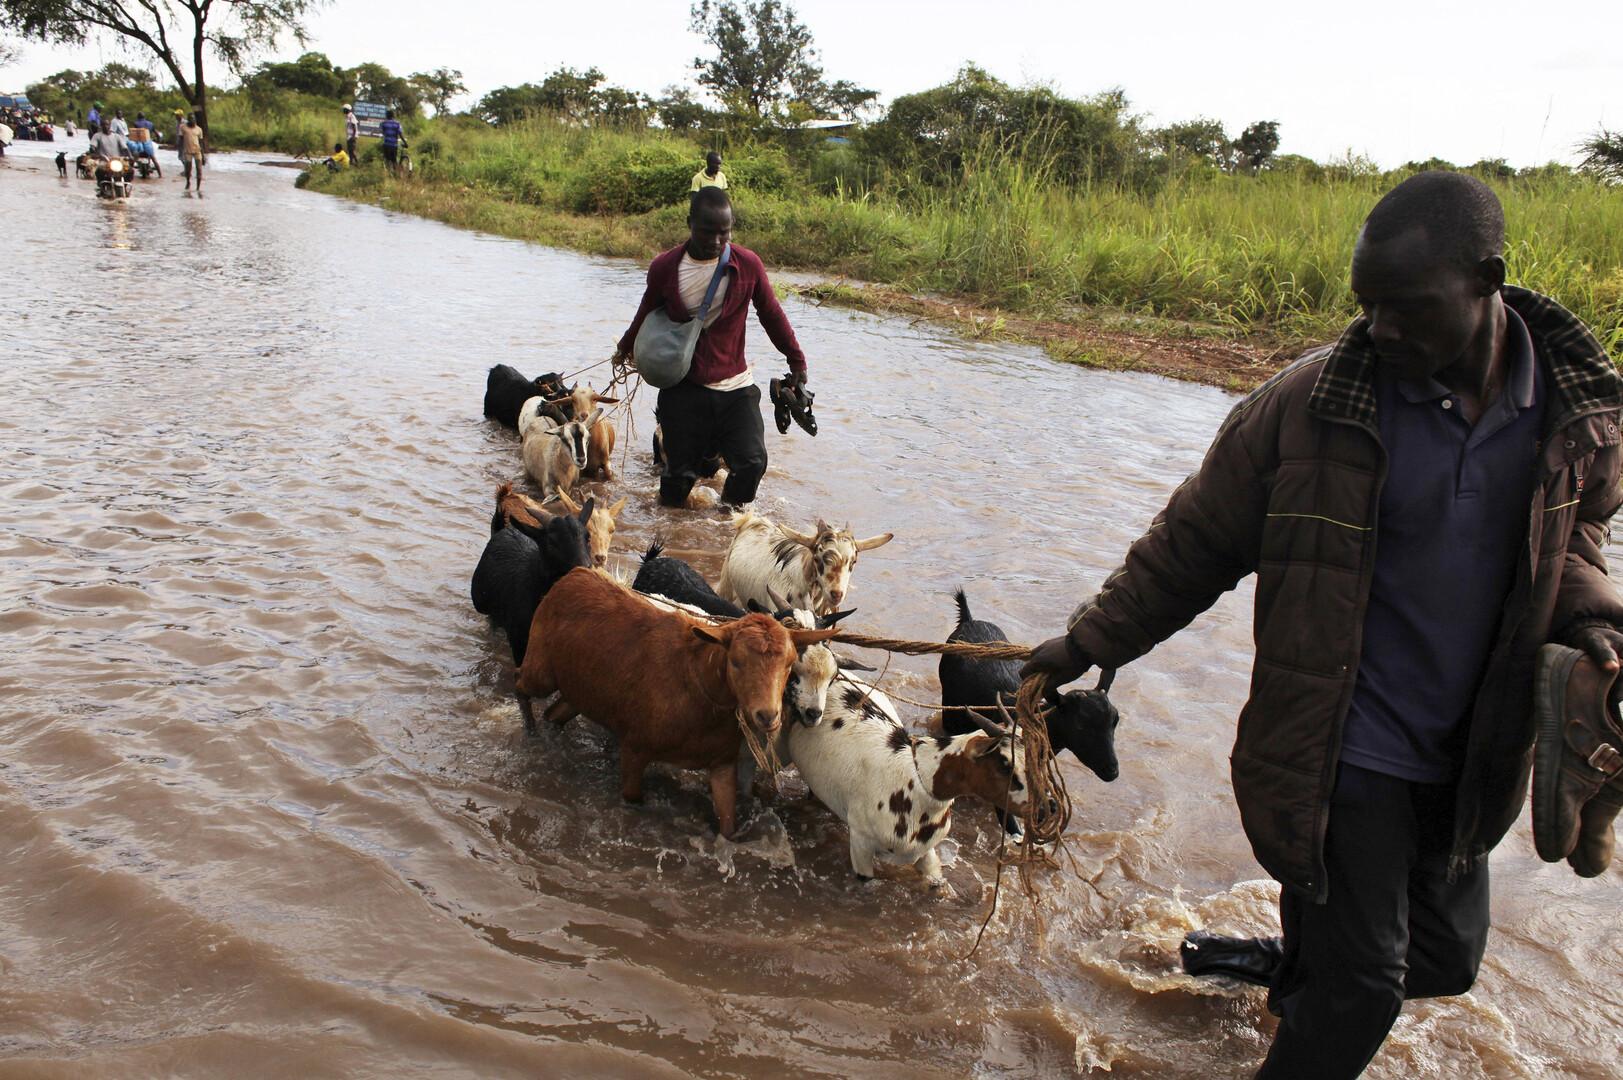 فيضانات السودان تخلف 78 قتيلا ومئات الجرحى